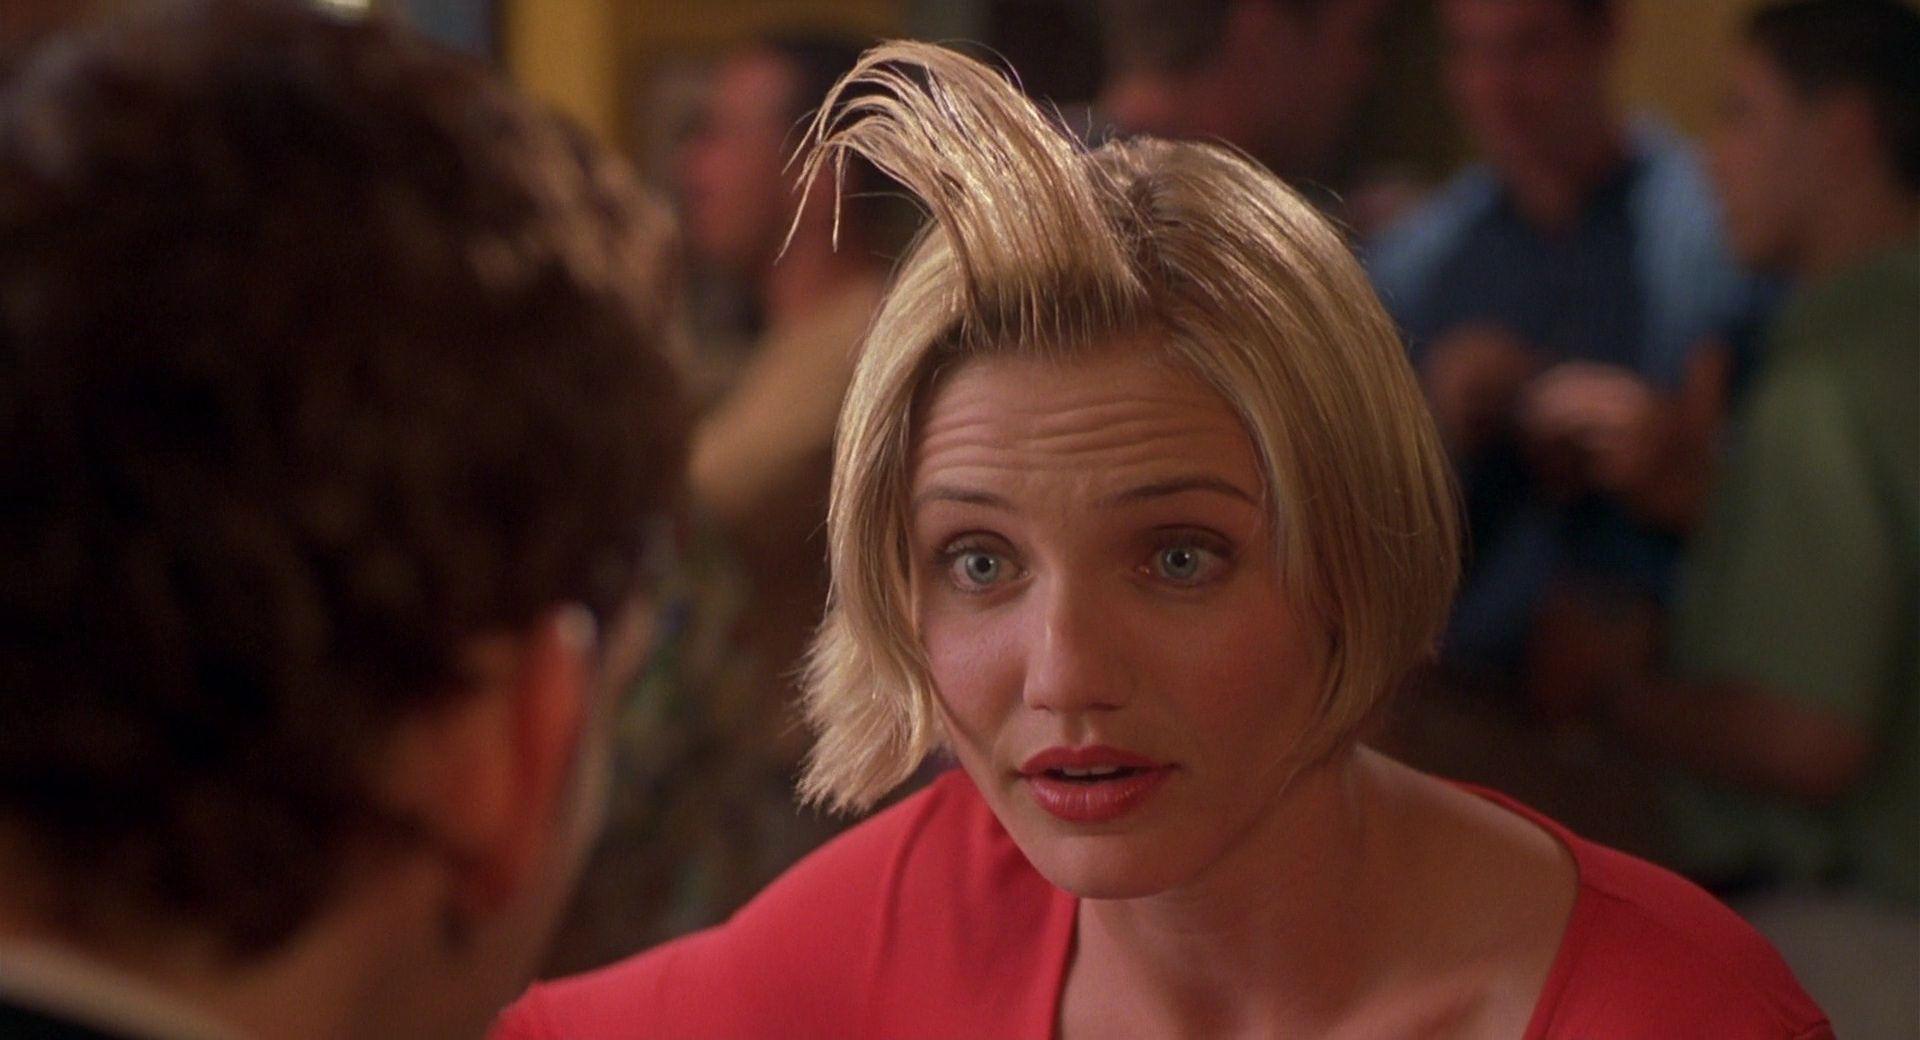 Fetish shampoo stories hair